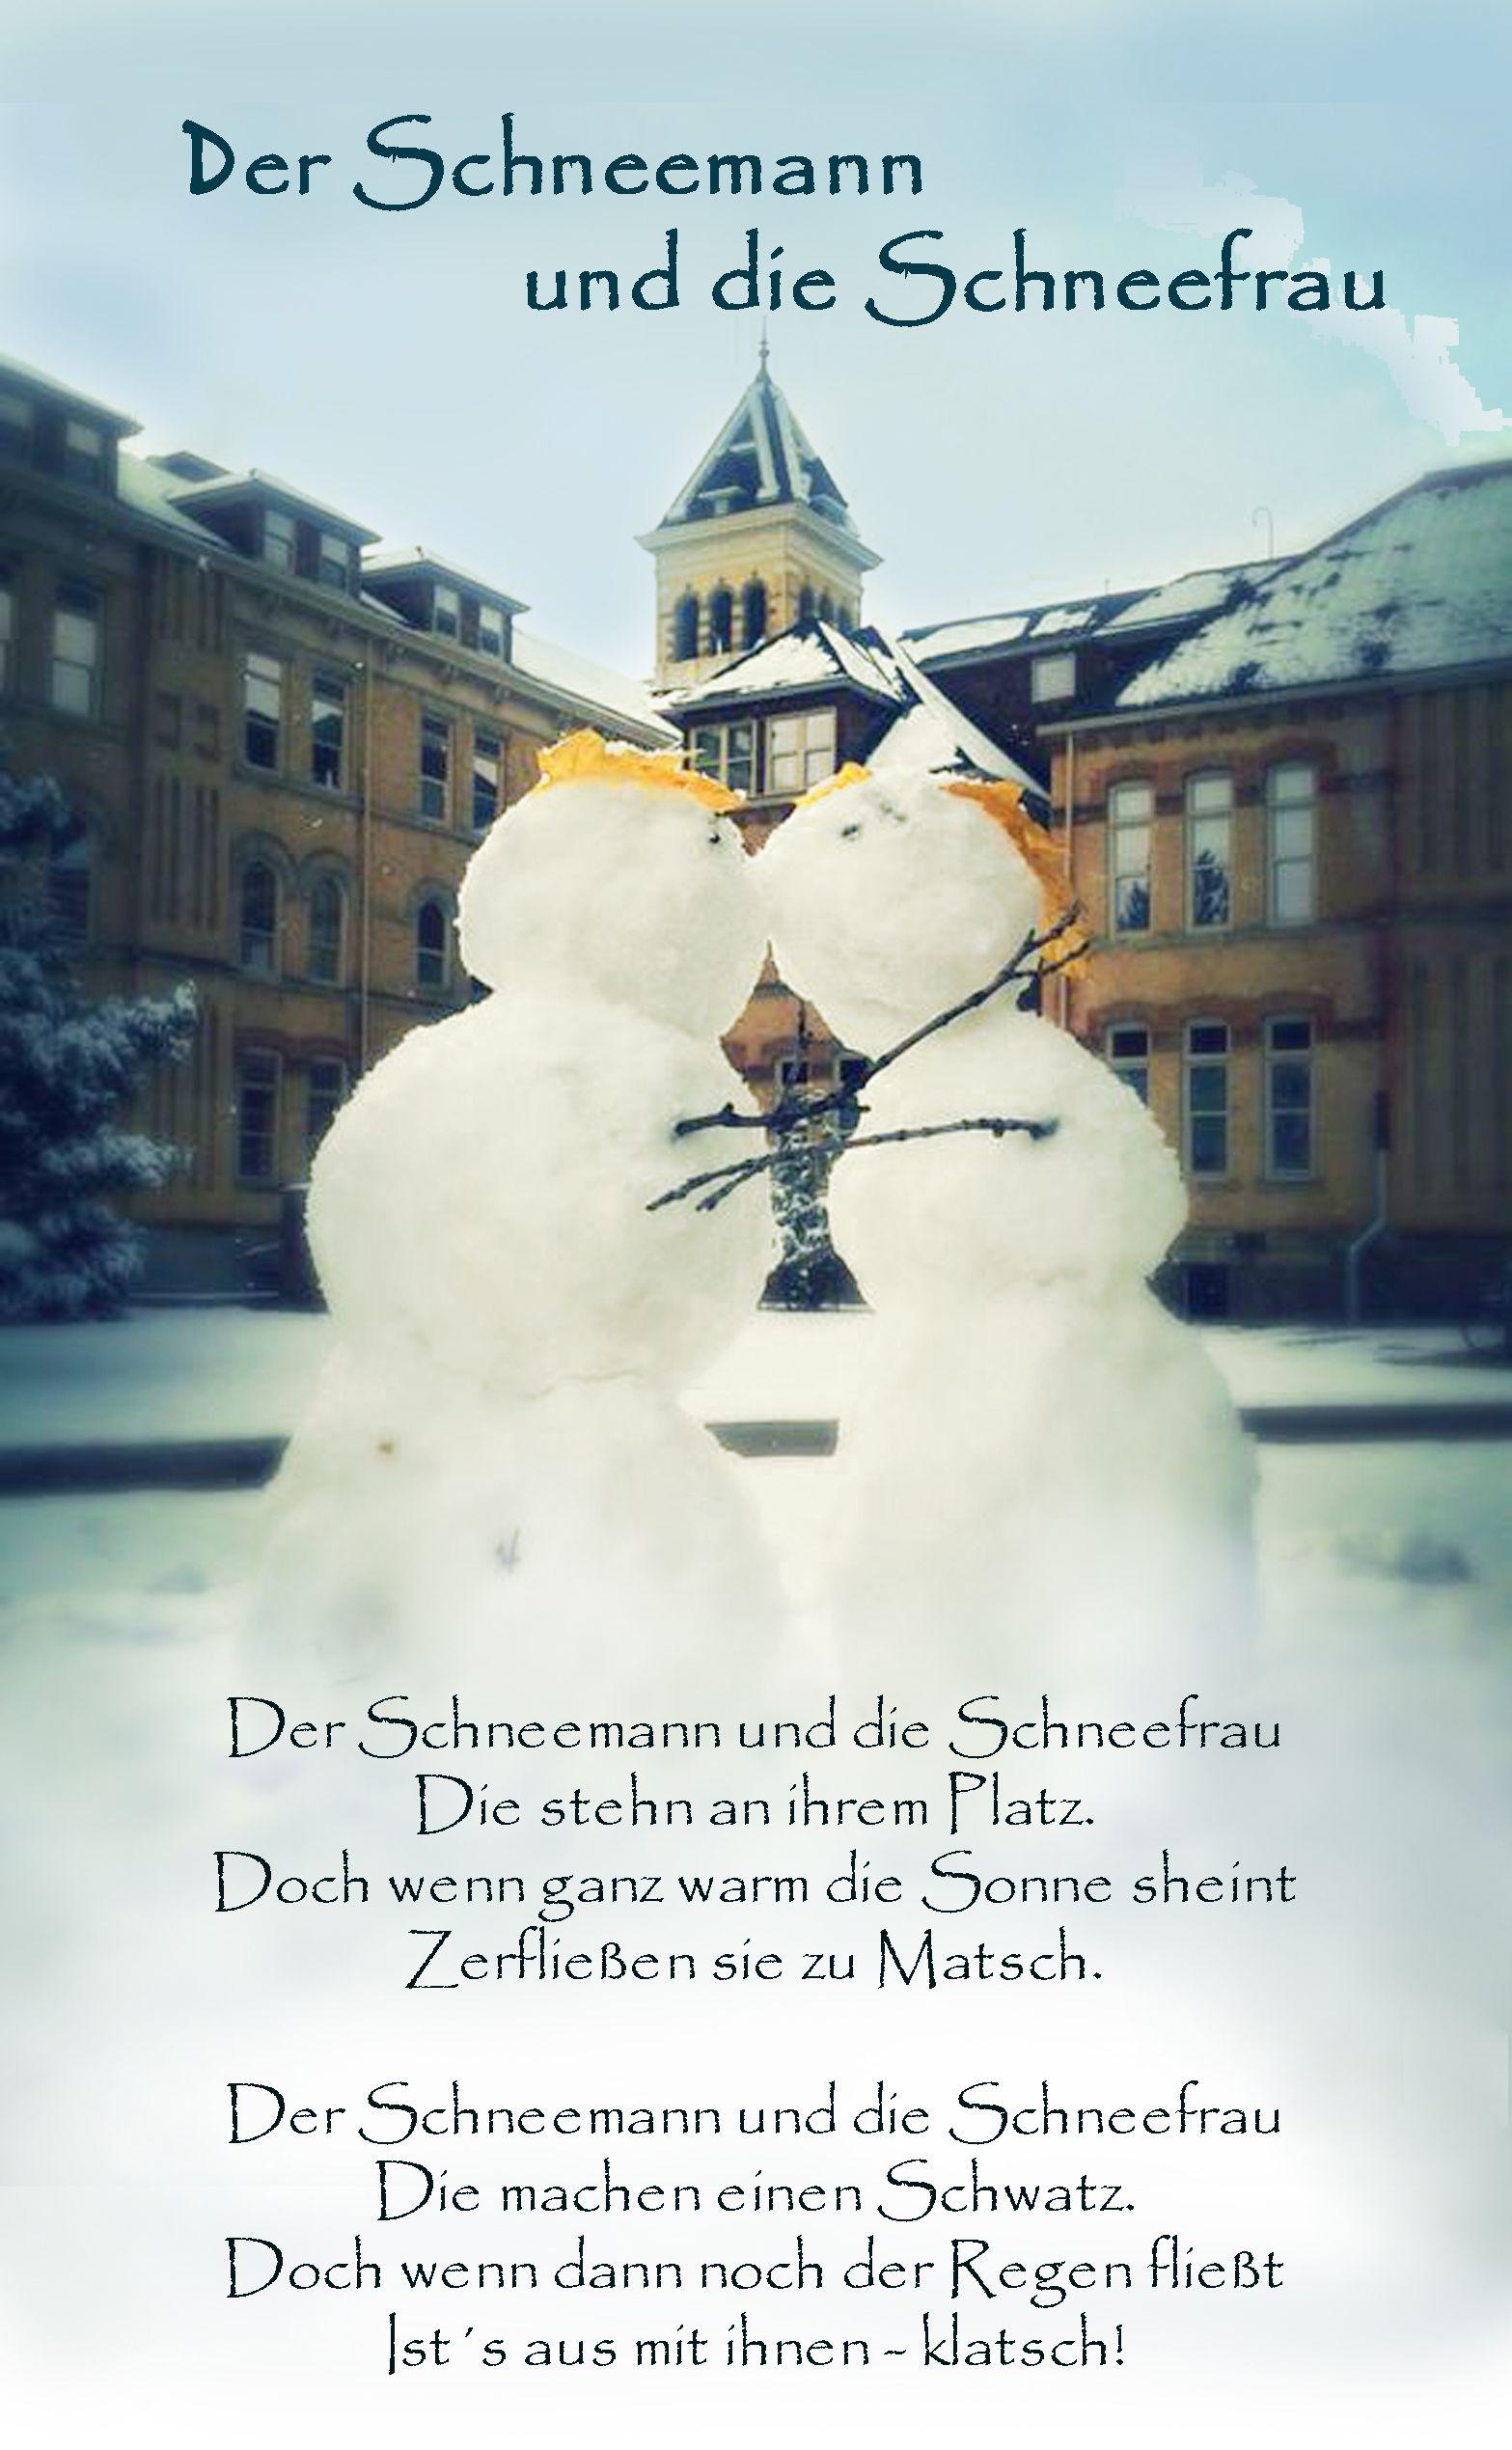 Weihnachtsgedichte Die Sich Reimen.Winter Gedicht Kindergarten Erzieher Erzieherin Reim Schnee